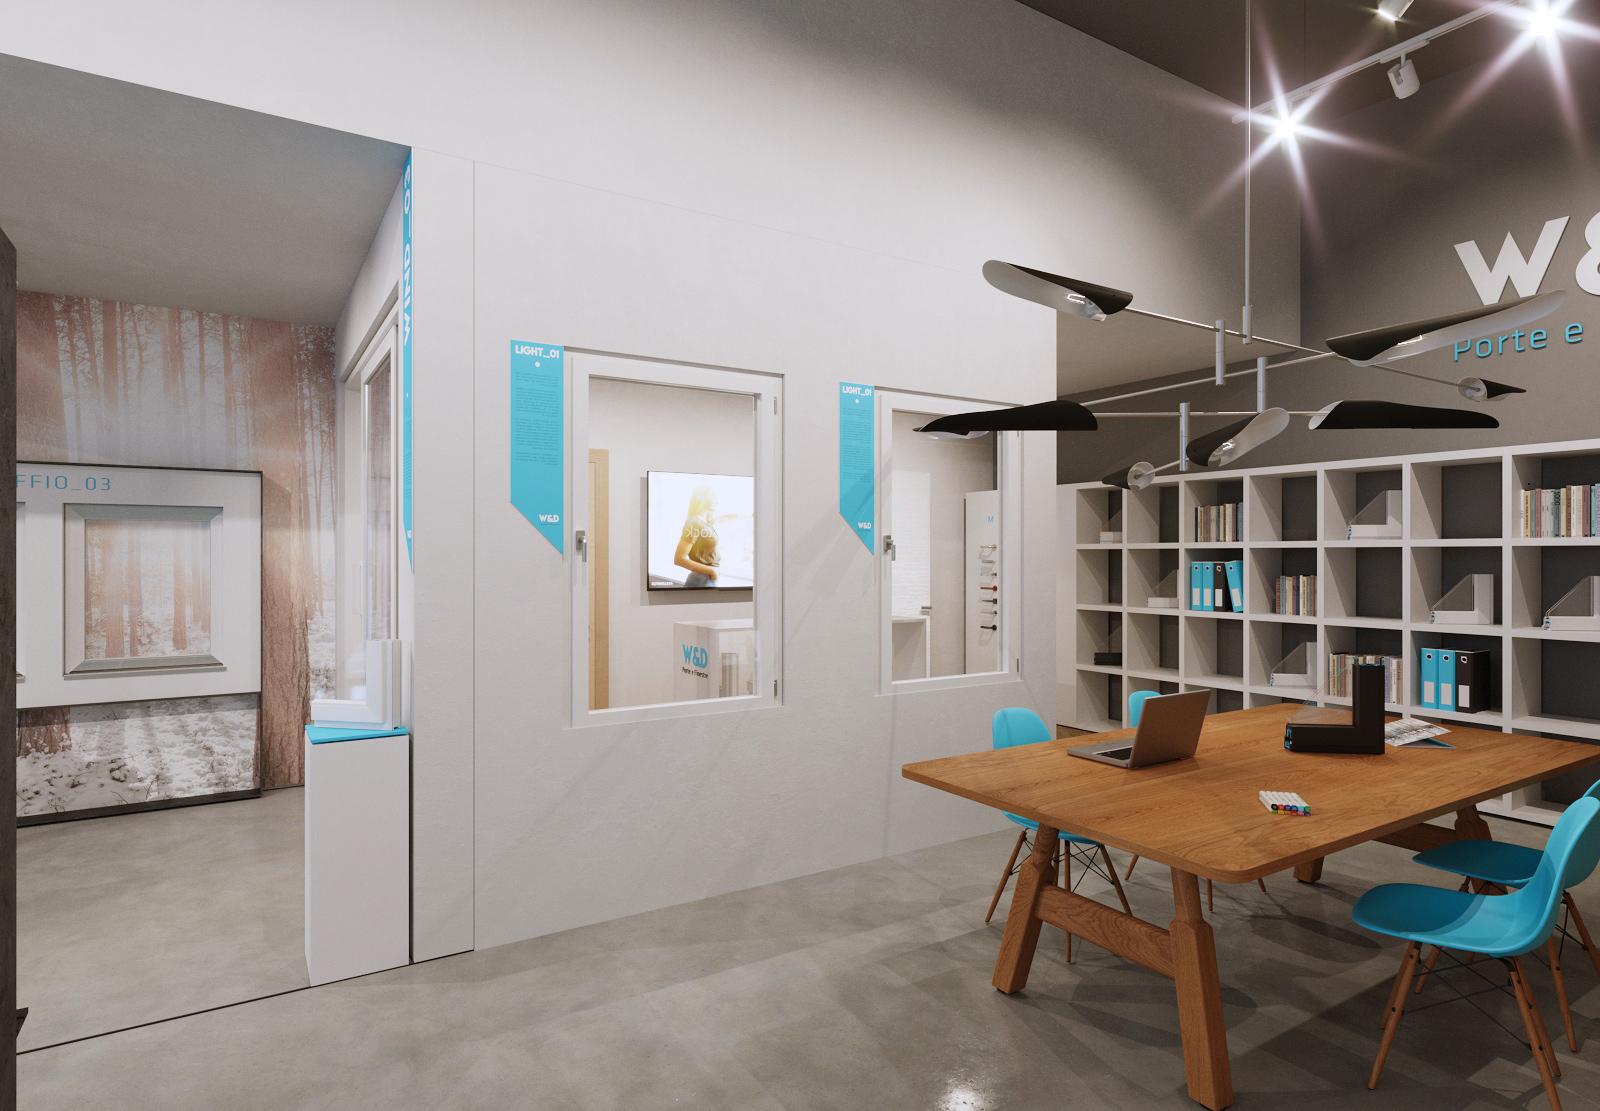 Showroom porte e finestre: visual merchandising, grafica e comunicazione per guidare il cliente nella scelta.